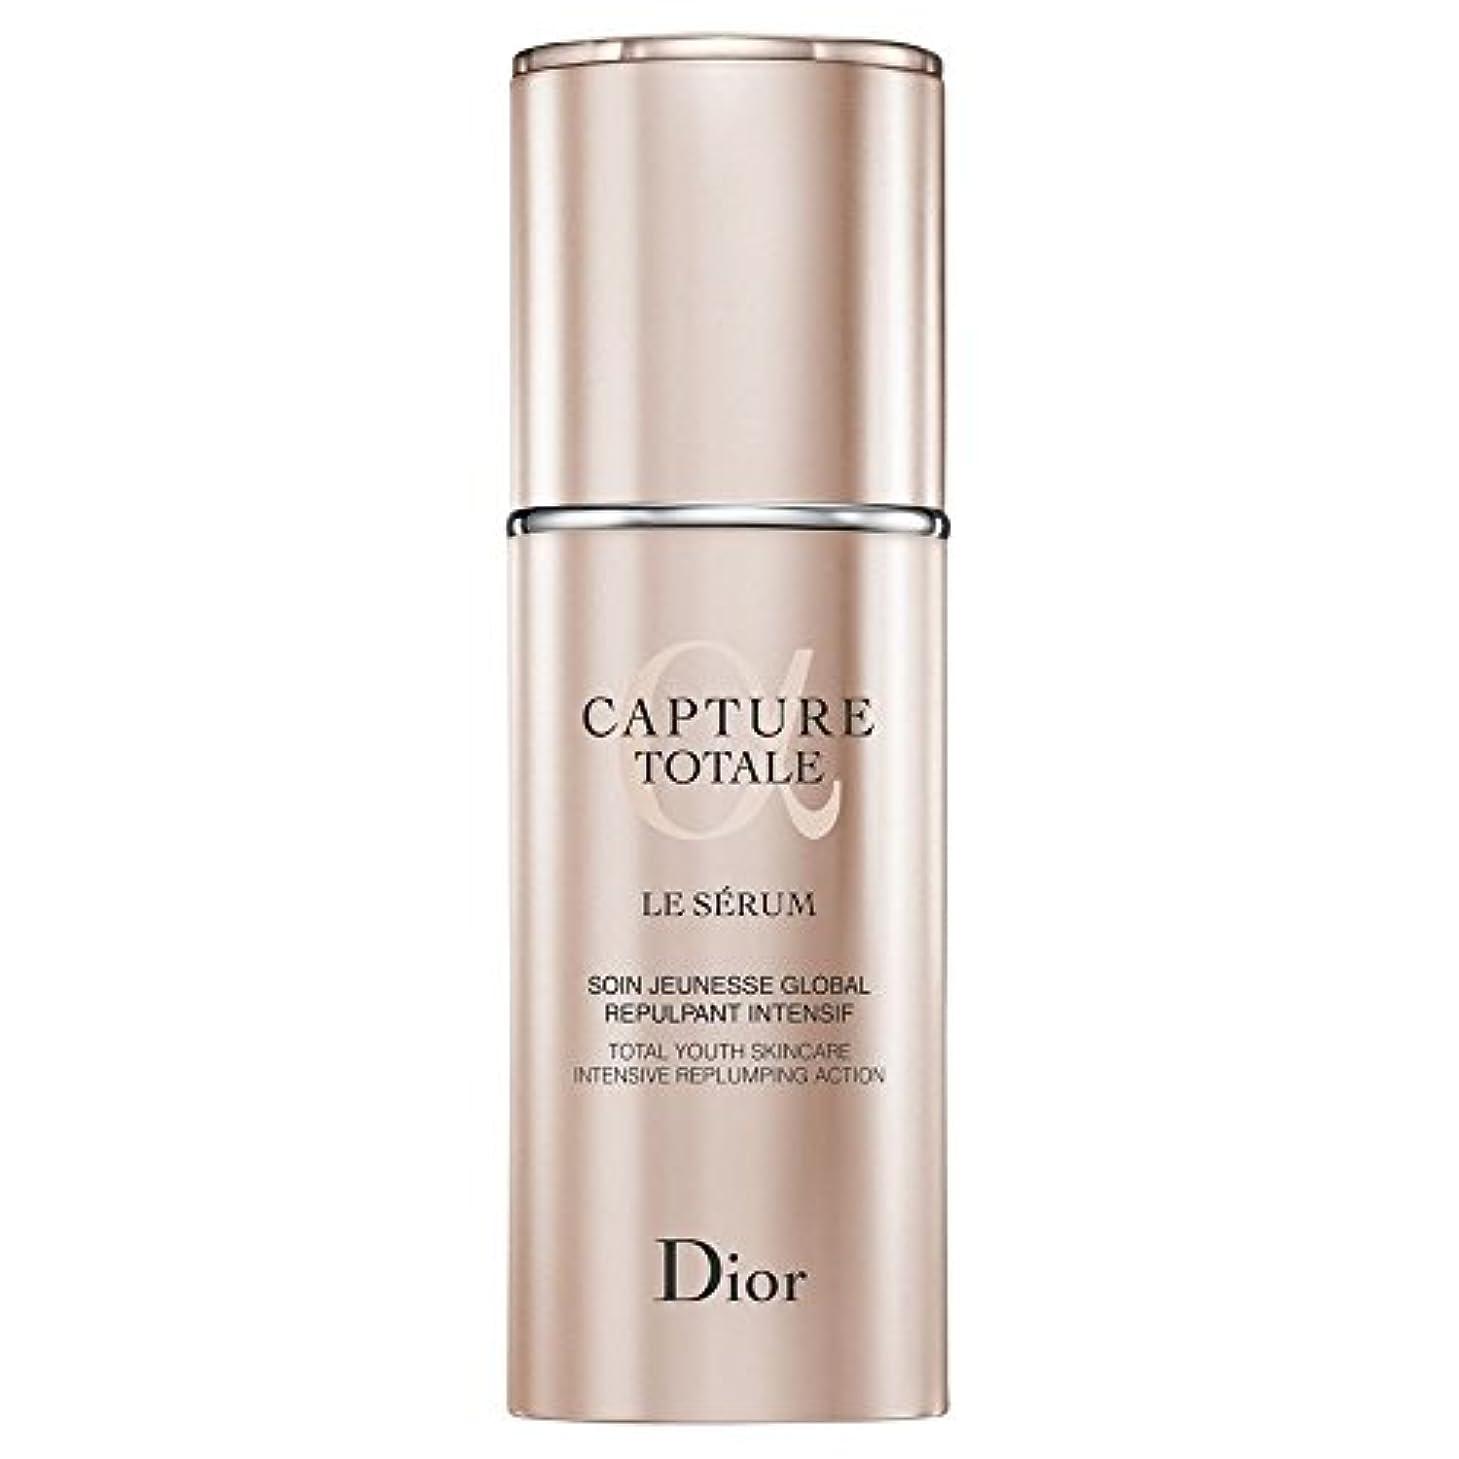 時代遅れ成長するもっともらしい[Dior] ディオールカプチュールR60ル血清30ミリリットル - Dior Capture Totale Le Serum 30ml [並行輸入品]